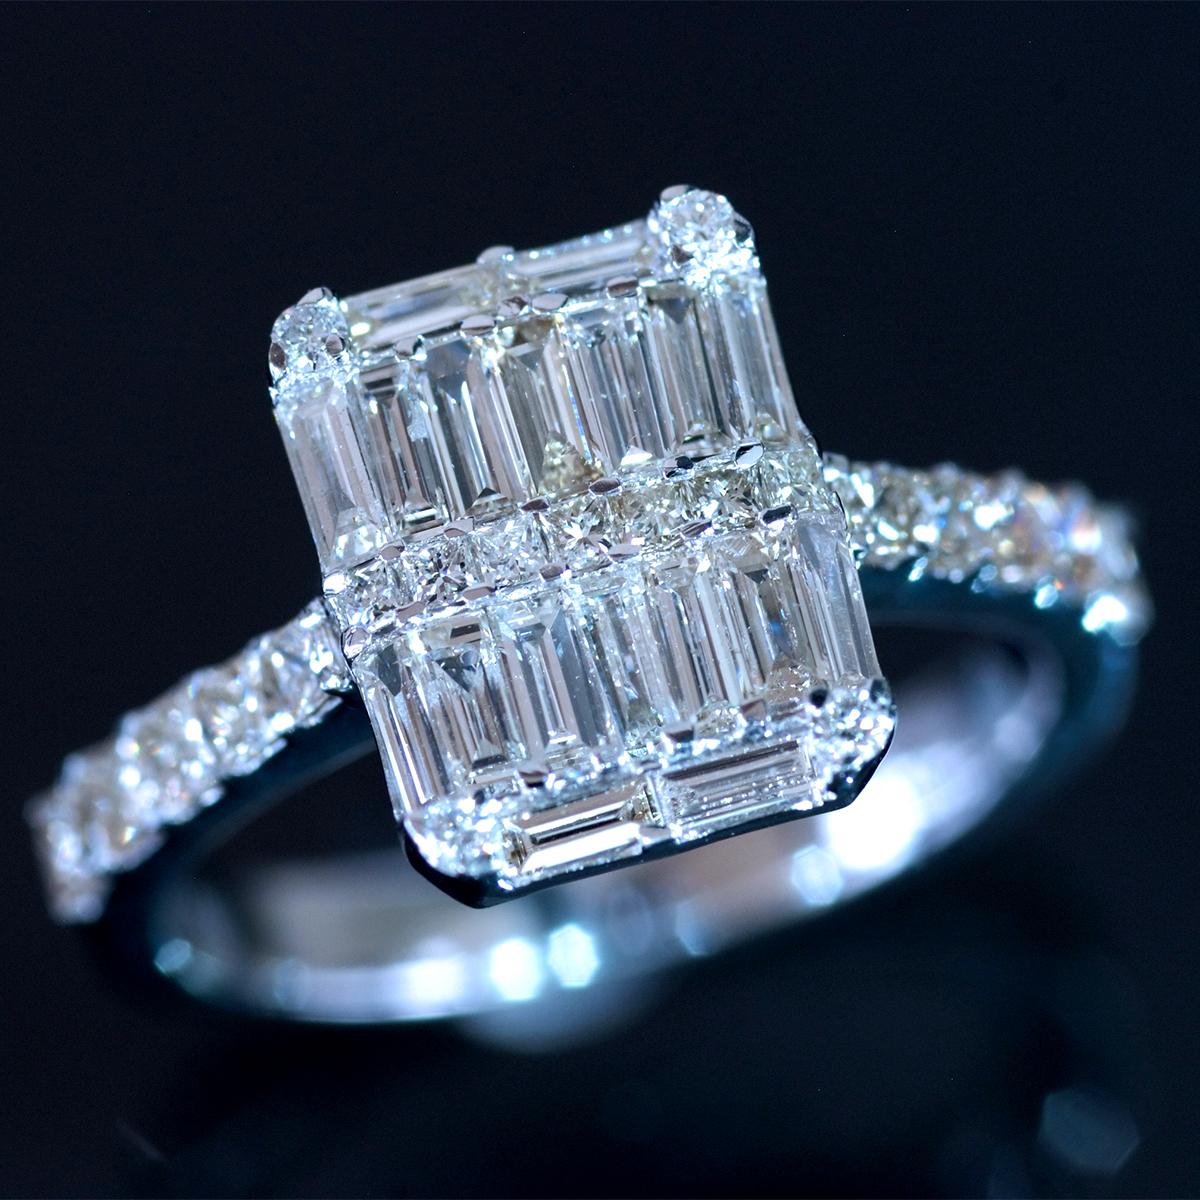 *R4482 デビアスグループのサイトホルダー令和新作モデル!天然上質ダイヤモンド1.13ct 最高級18金WG無垢R S12号 総重量3.5g 幅11.5mm